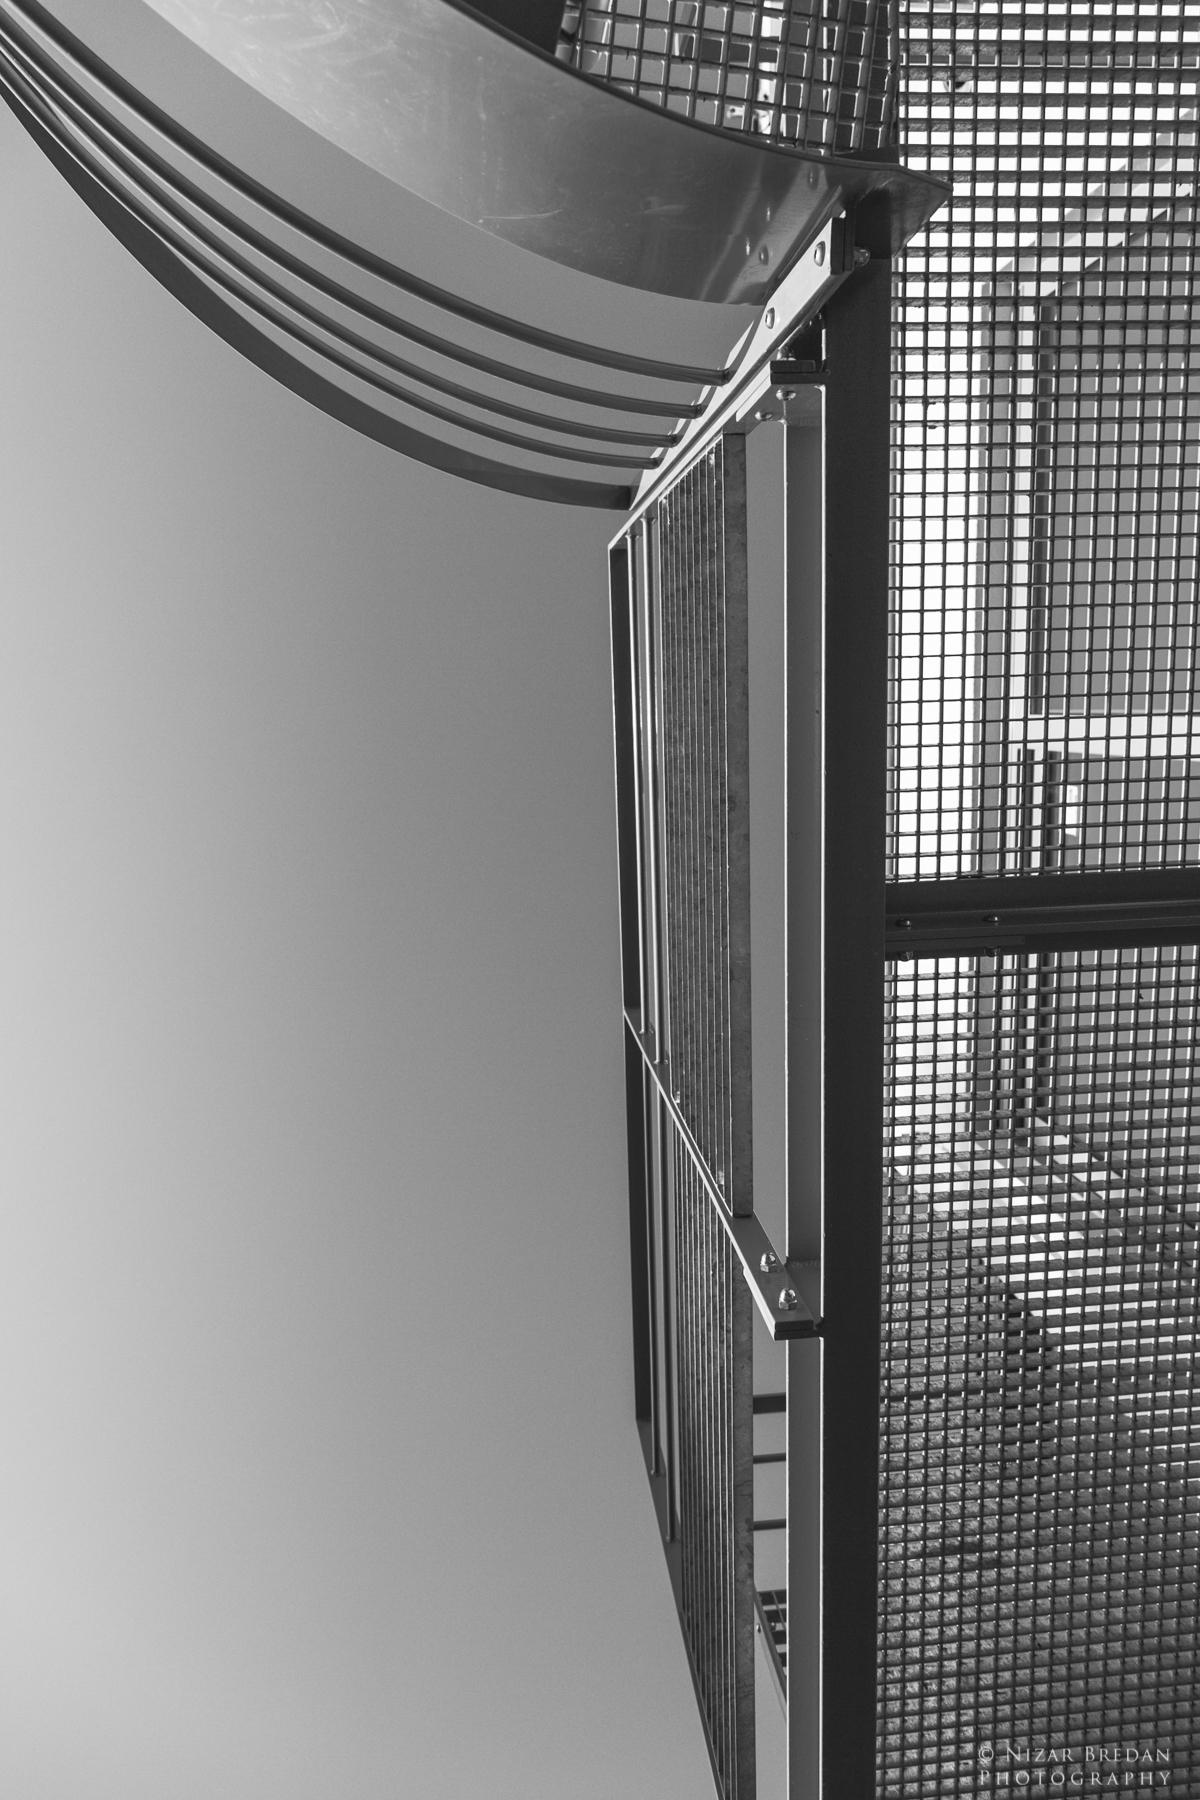 ZI8A0114.jpg